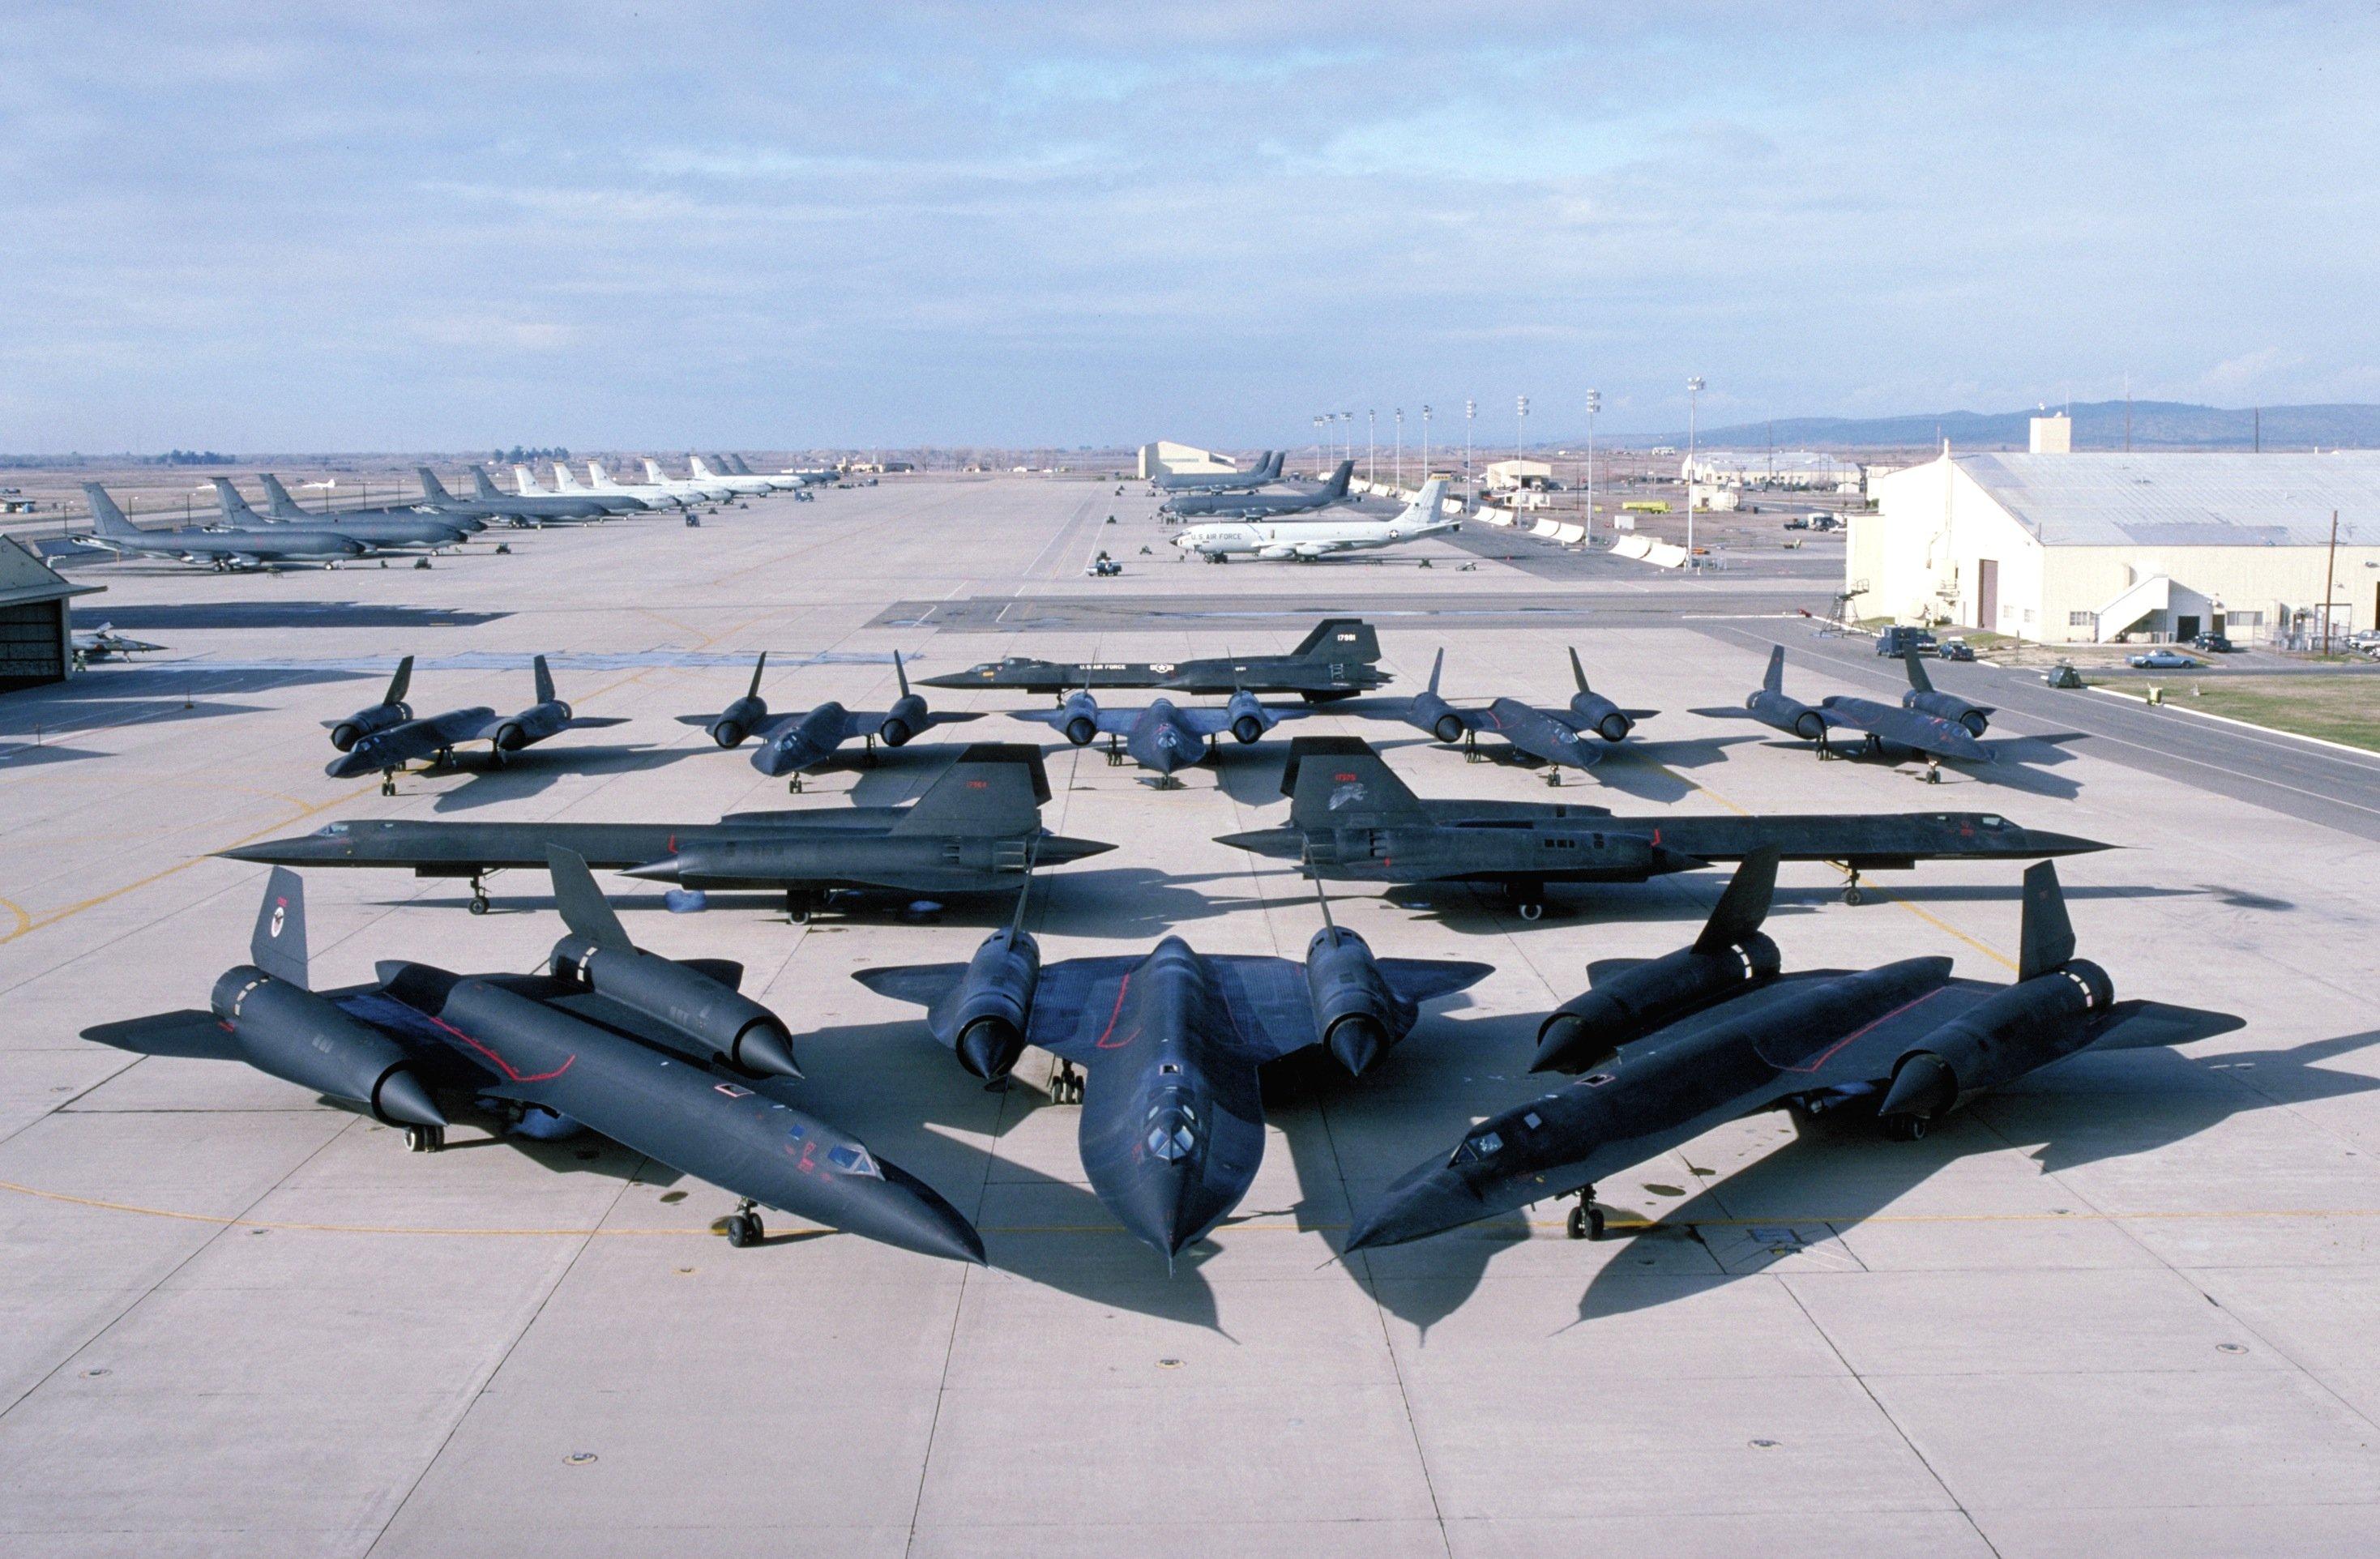 Auch der Vorgänger der SR-72, das Aufklärungsflugzeug SR-71, war sehr schnell. Er wurde bis1999 von der US Air Force geflogen und erreichte3540 km/h.